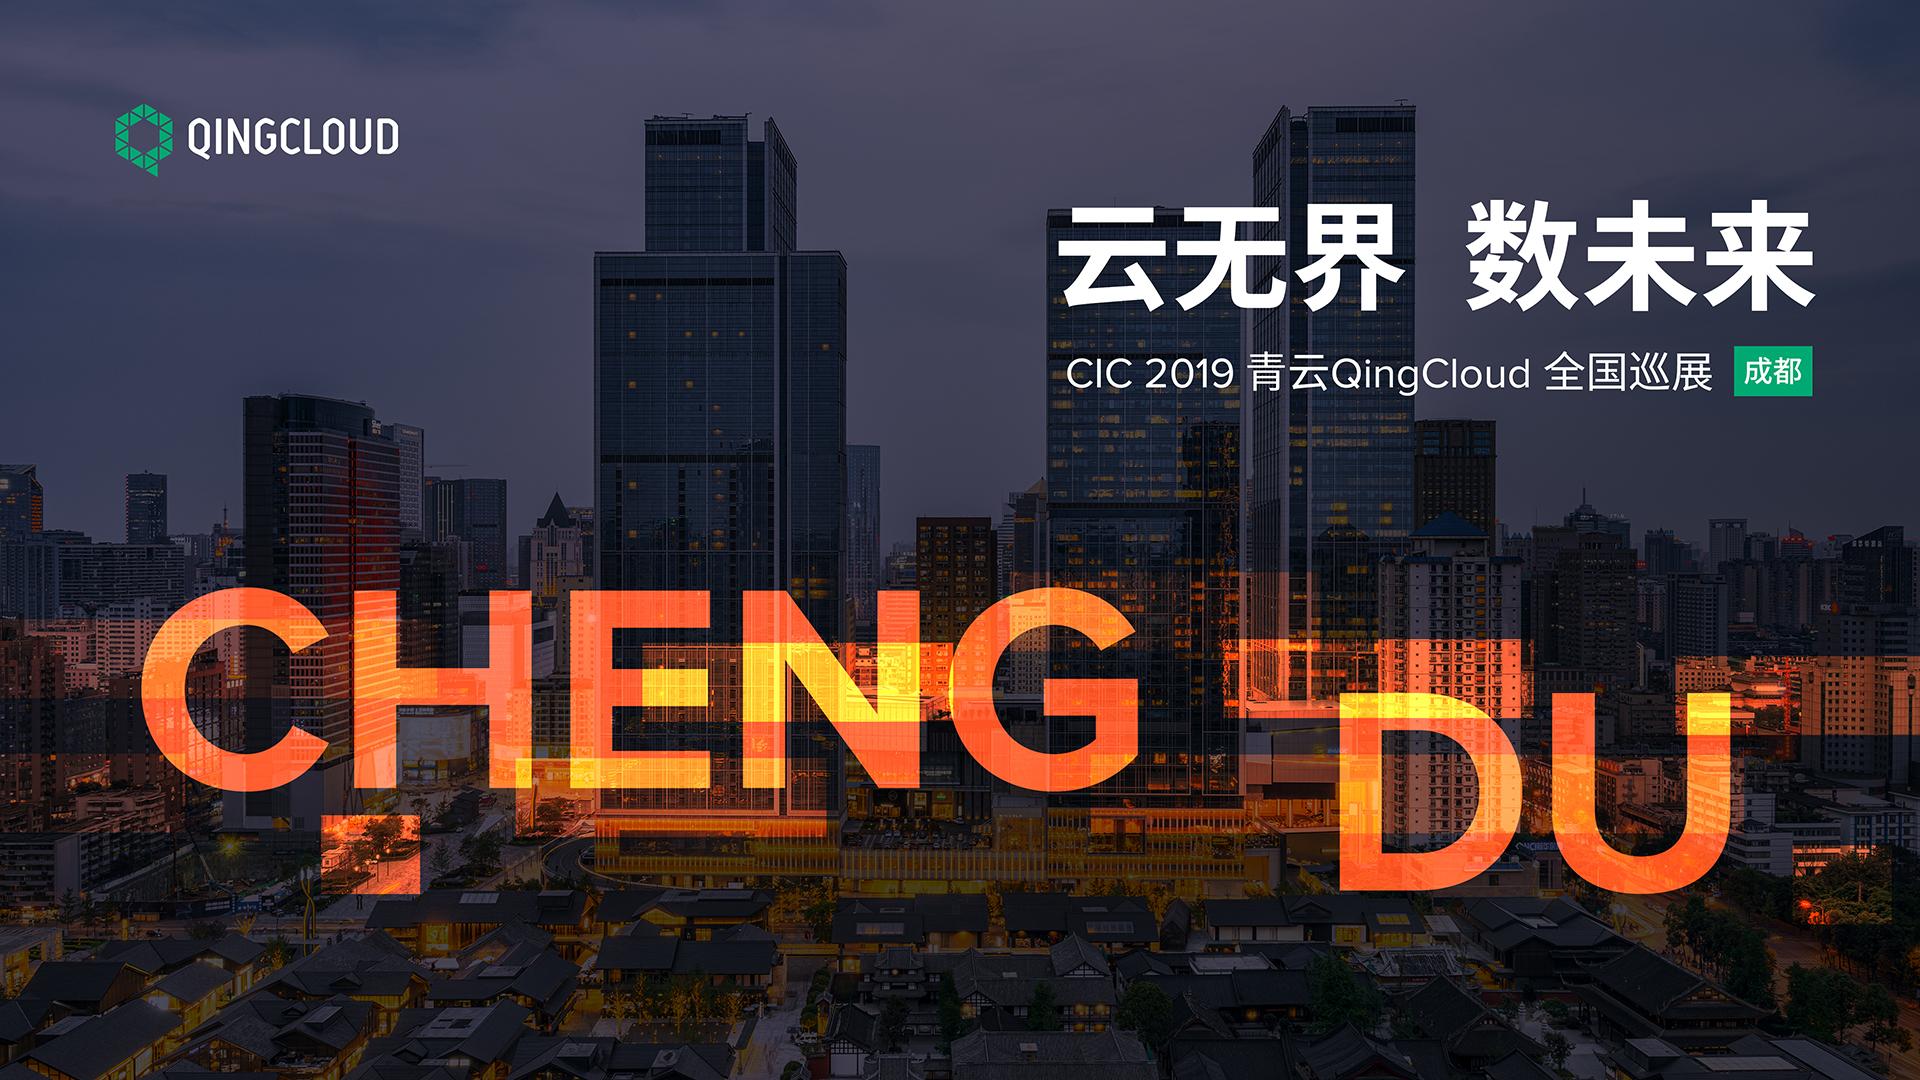 青云QingCloud CIC 2019 全国巡展首站落地成都 实力助飞西南区域数字化转型